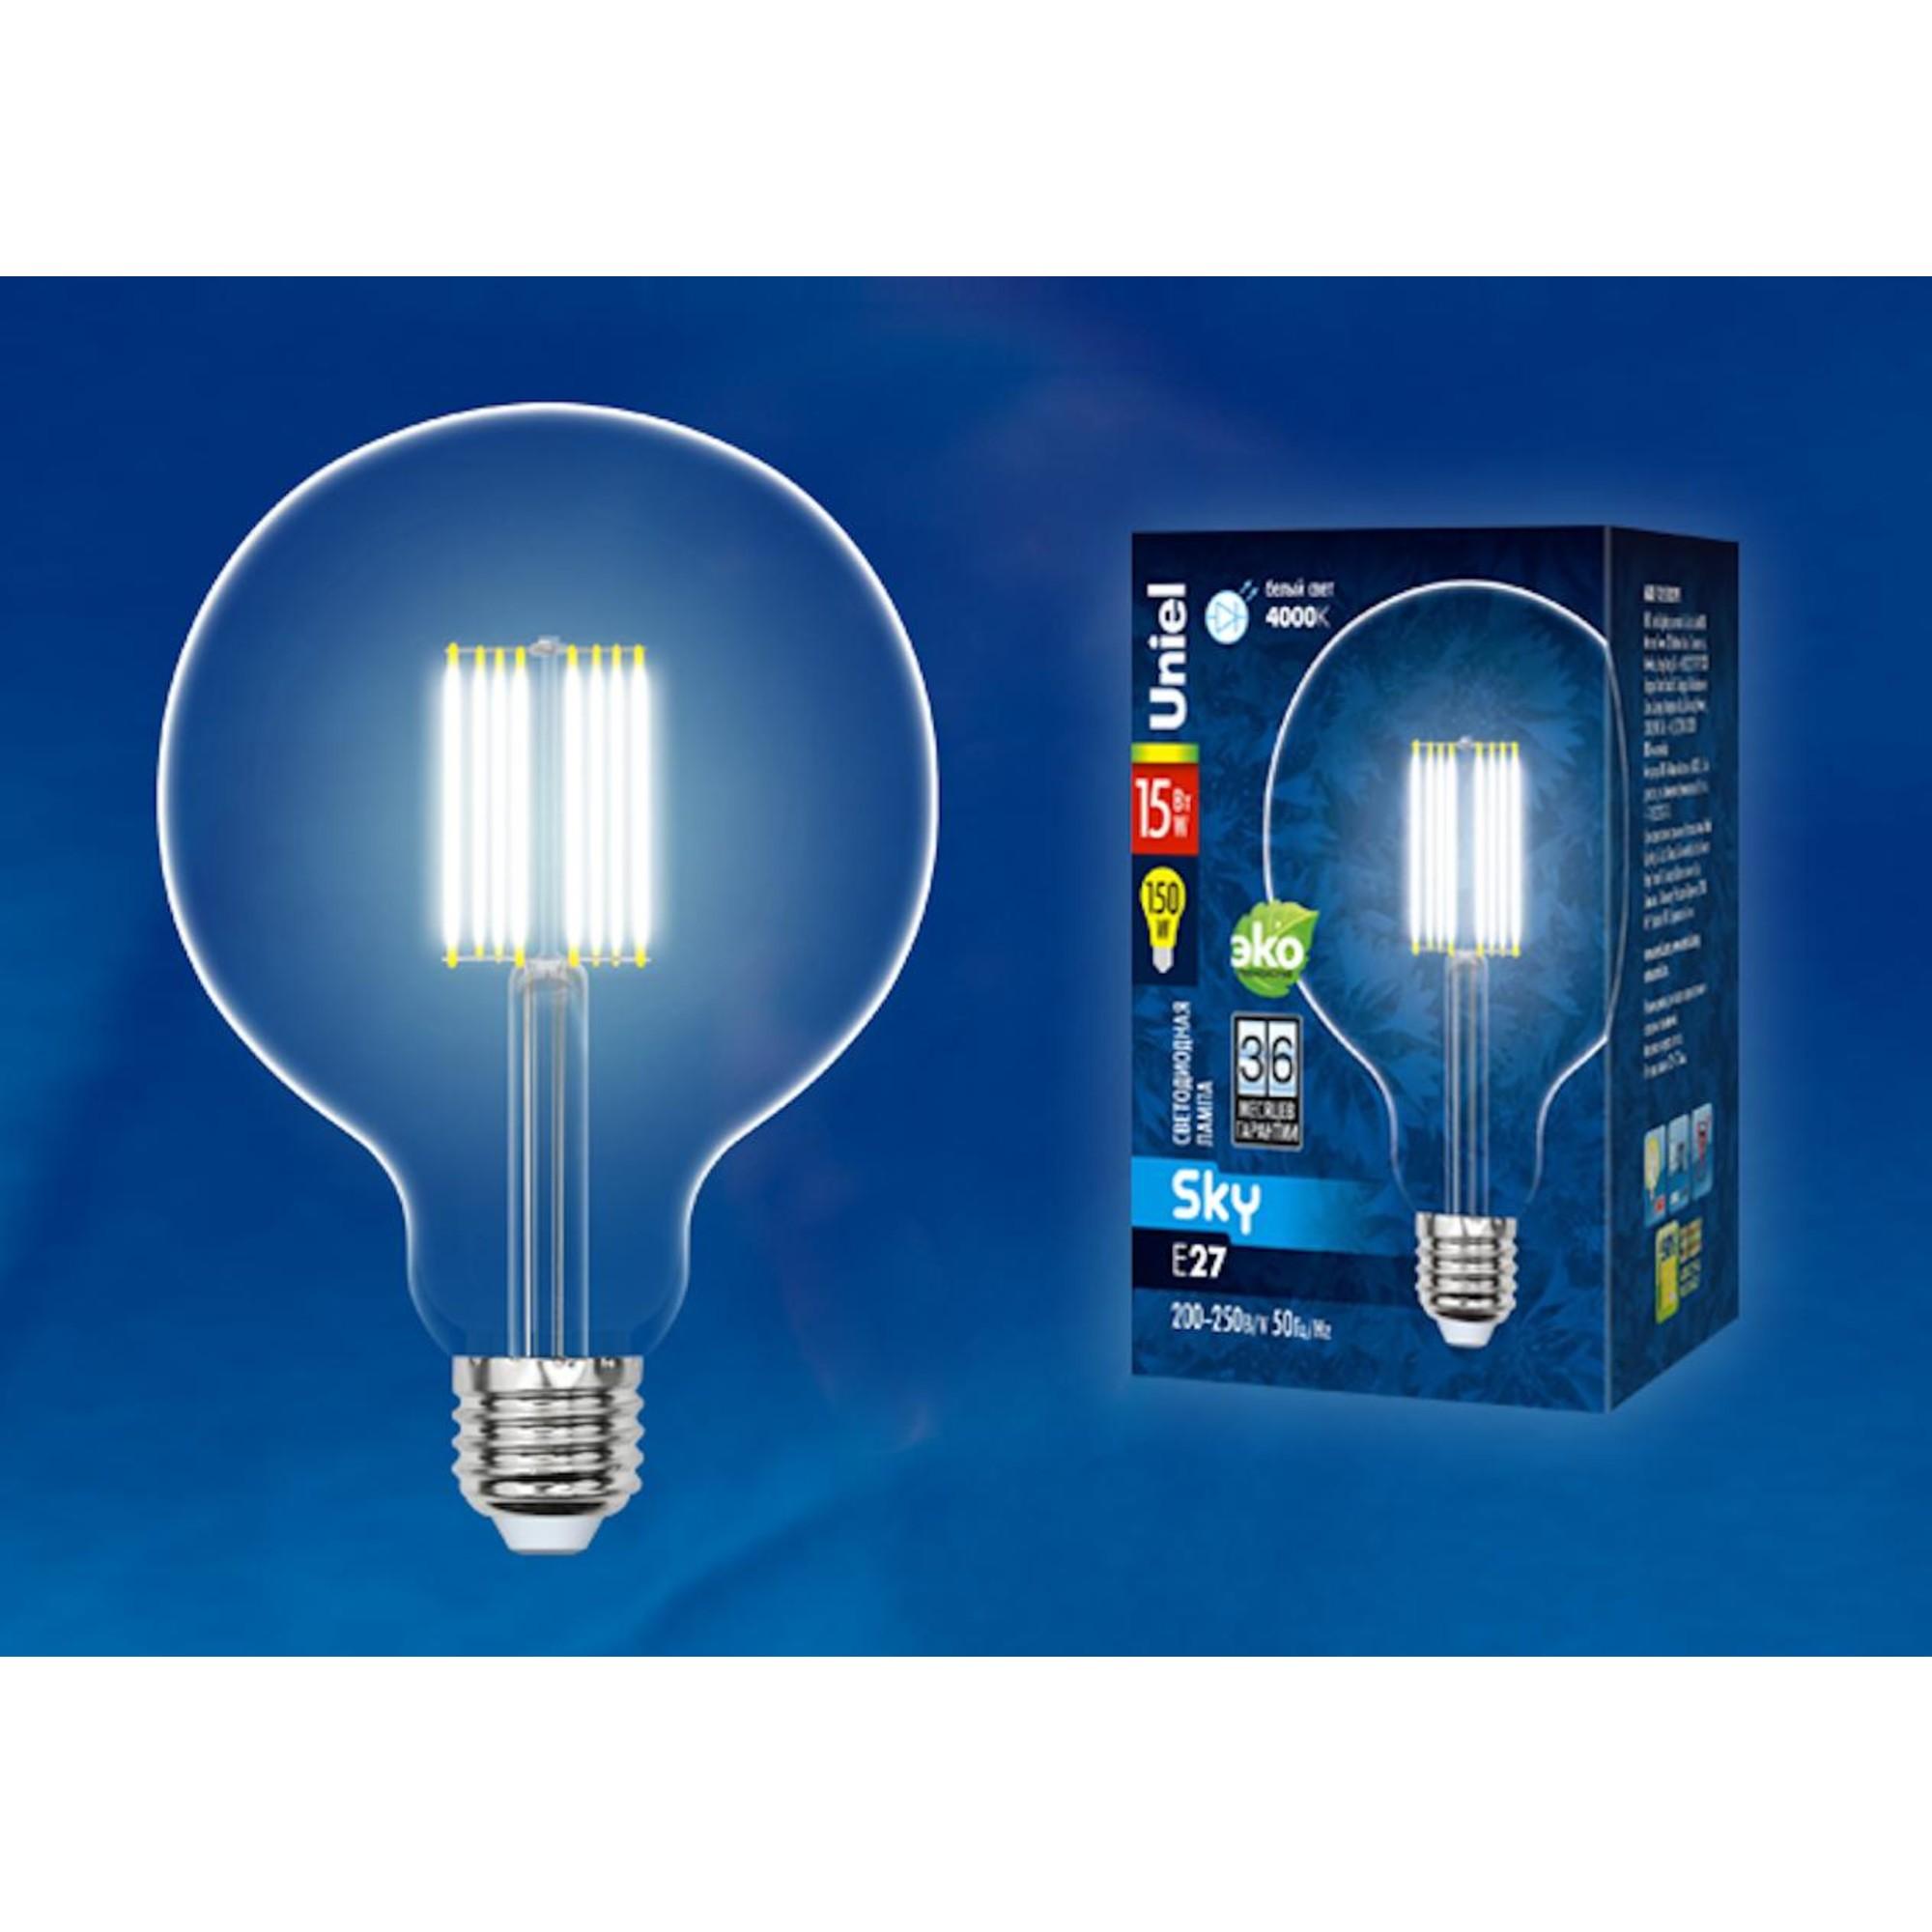 Светодиодная лампочка Uniel UL-00004861 E27 1500 Лм 15 Вт